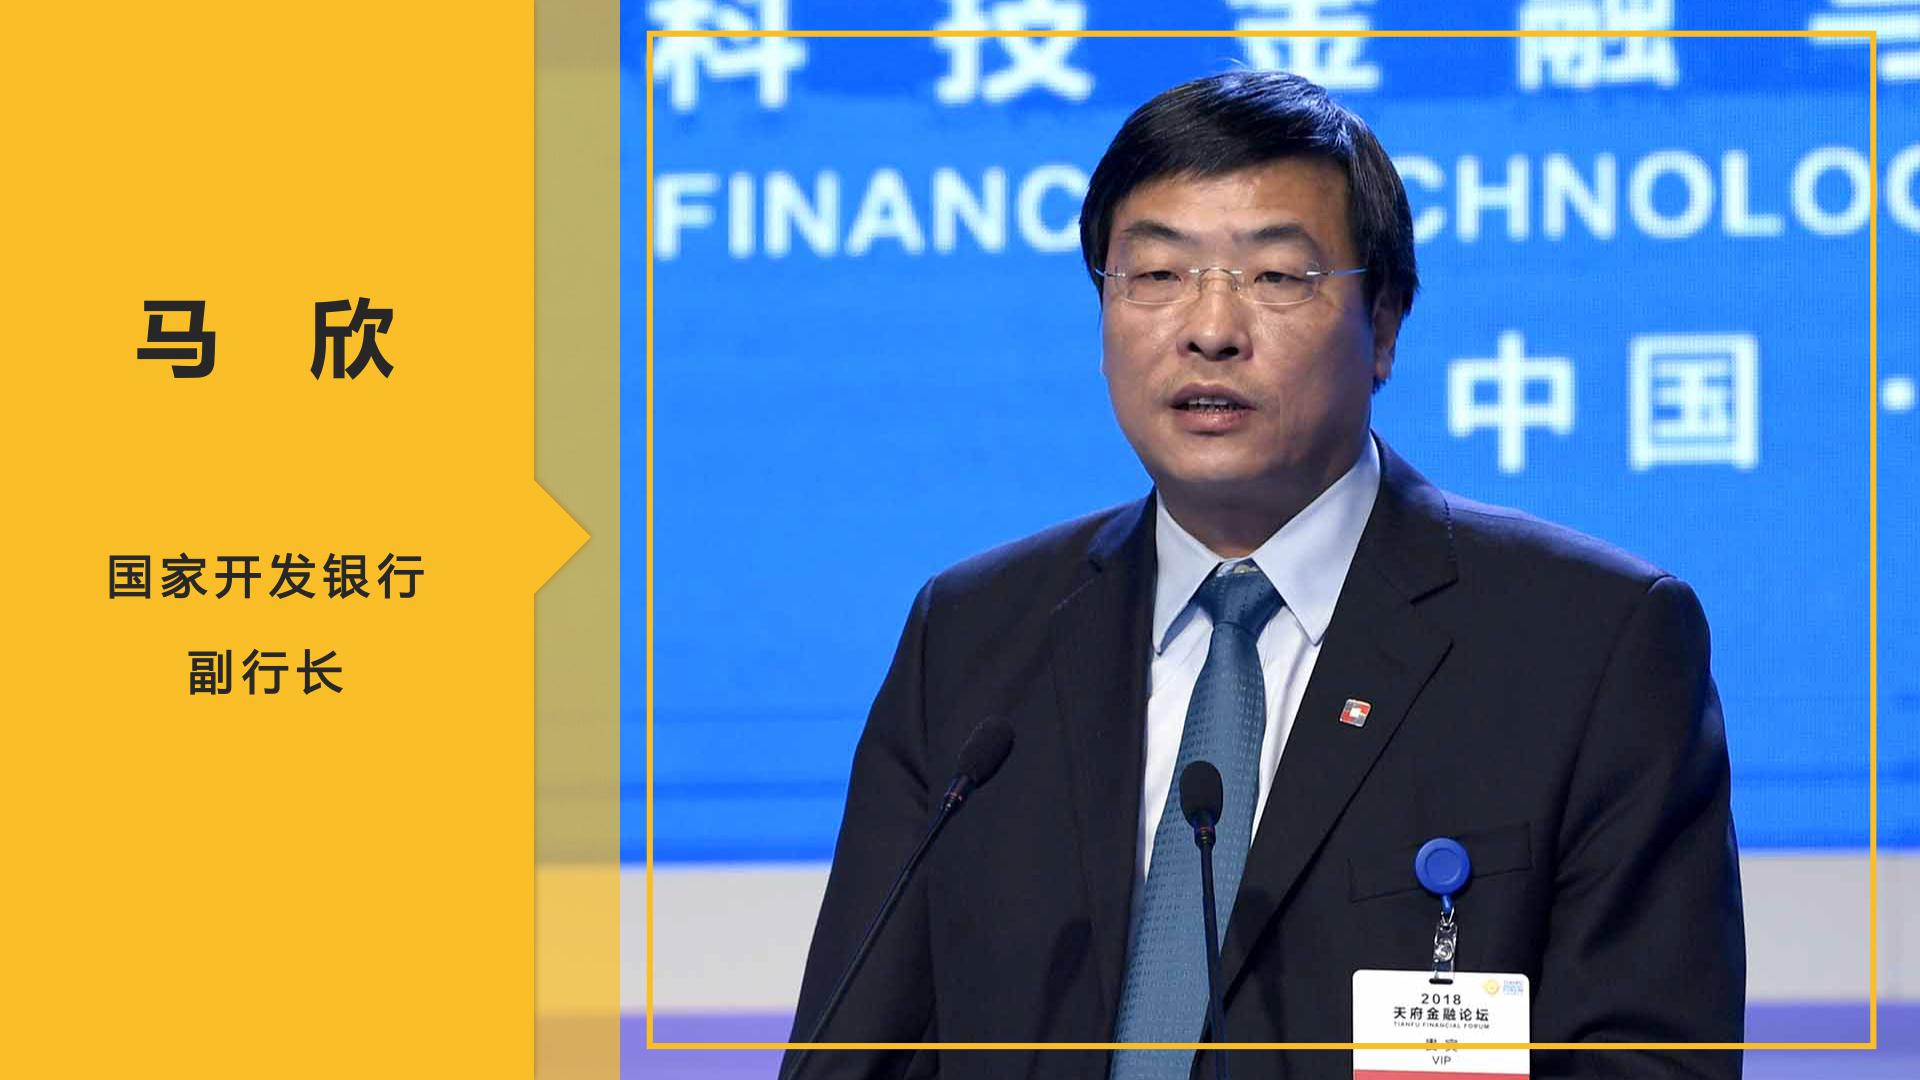 马欣:以开发性金融服务创新驱动发展战略